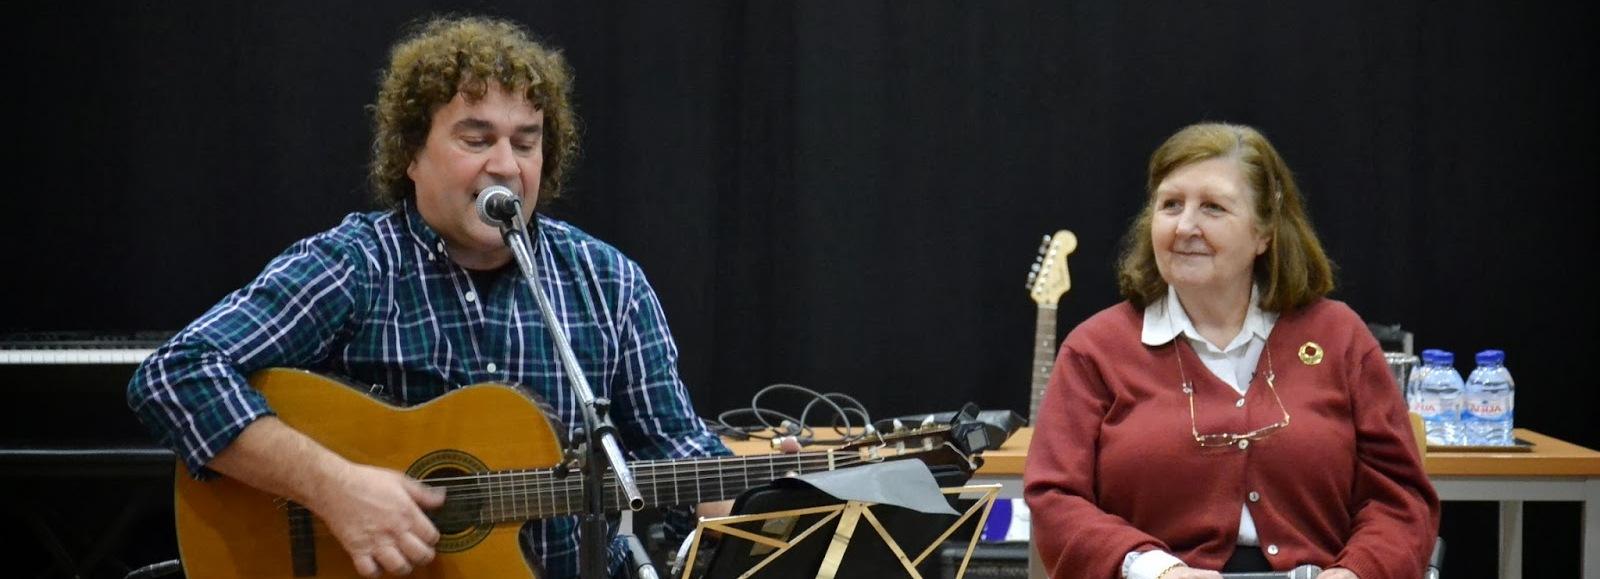 Escritora Luísa Ducla Soares e músico Daniel Completo em Barcelos nos dias 19 e 20 de fevereiro